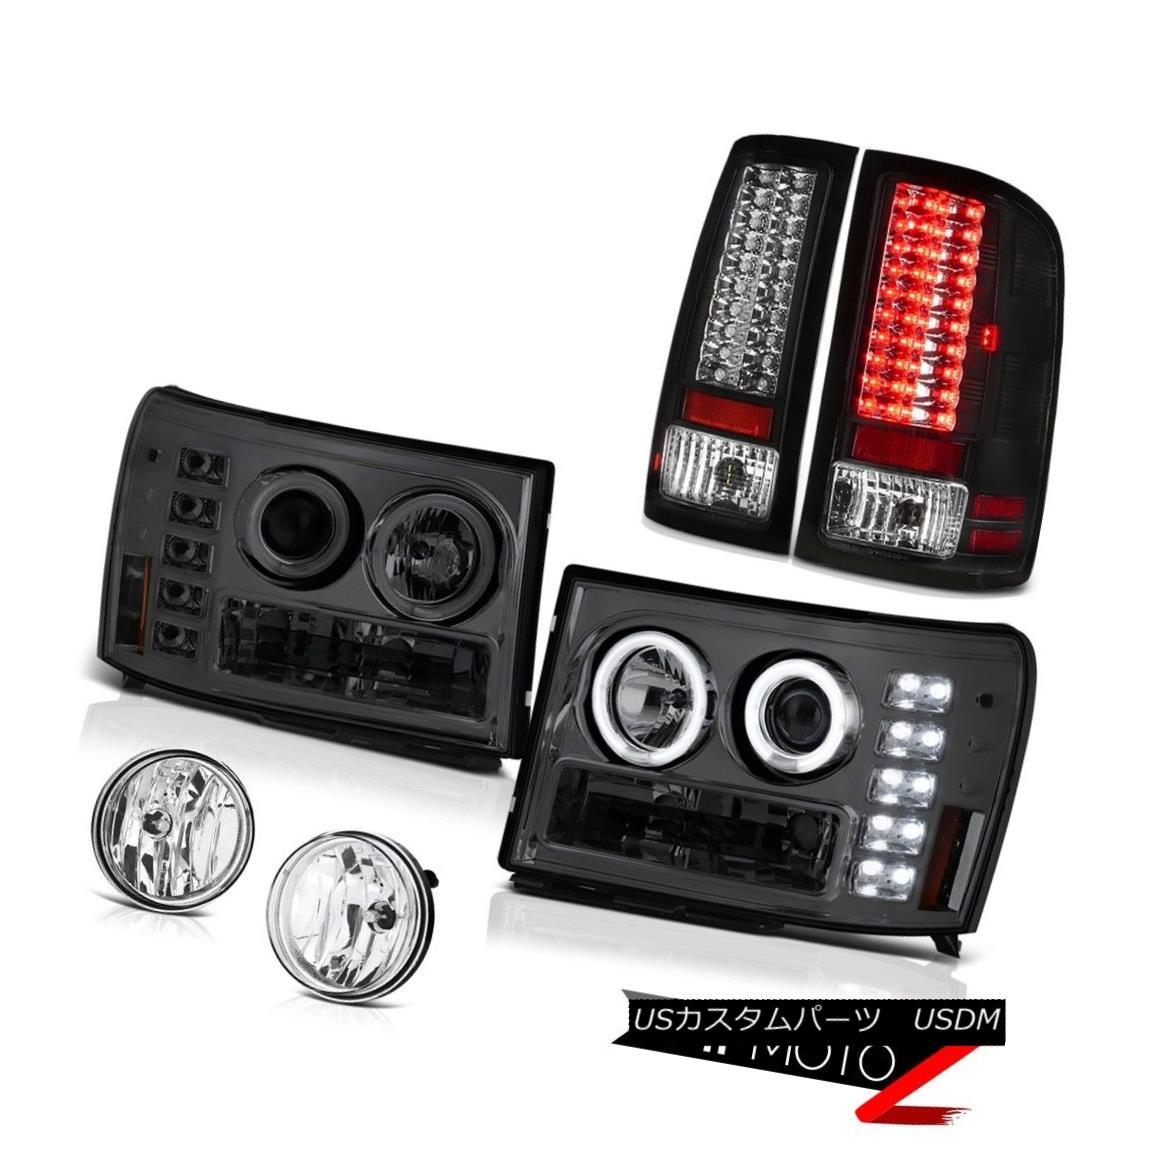 ヘッドライト Angel Eye CCFL Headlamp Black LED Tail Lamp 08-14 GMC Sierra 6.6L SLT Bumper Fog エンジェルアイCCFLヘッドランプブラックLEDテールランプ08-14 GMC Sierra 6.6L SLTバンパーフォグ